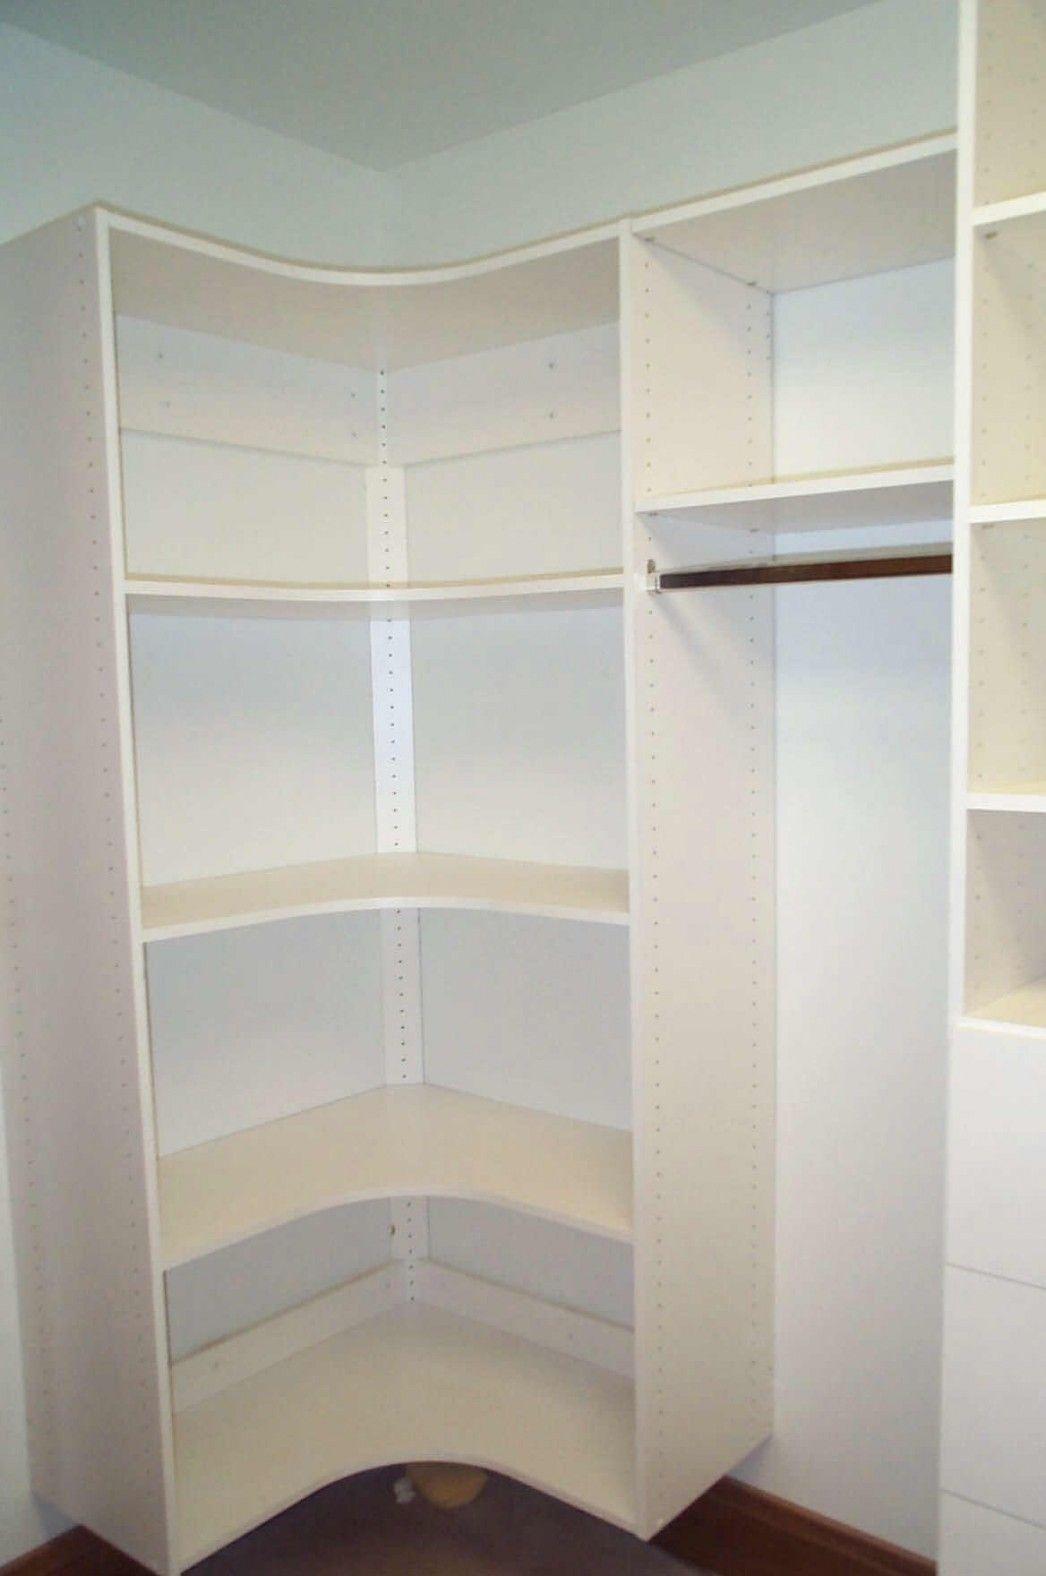 Charmant Kleine Schlafzimmer Kleiderschrank Design Ideen #Badezimmer #Büromöbel  #Couchtisch #Deko Ideen #Gartenmöbel